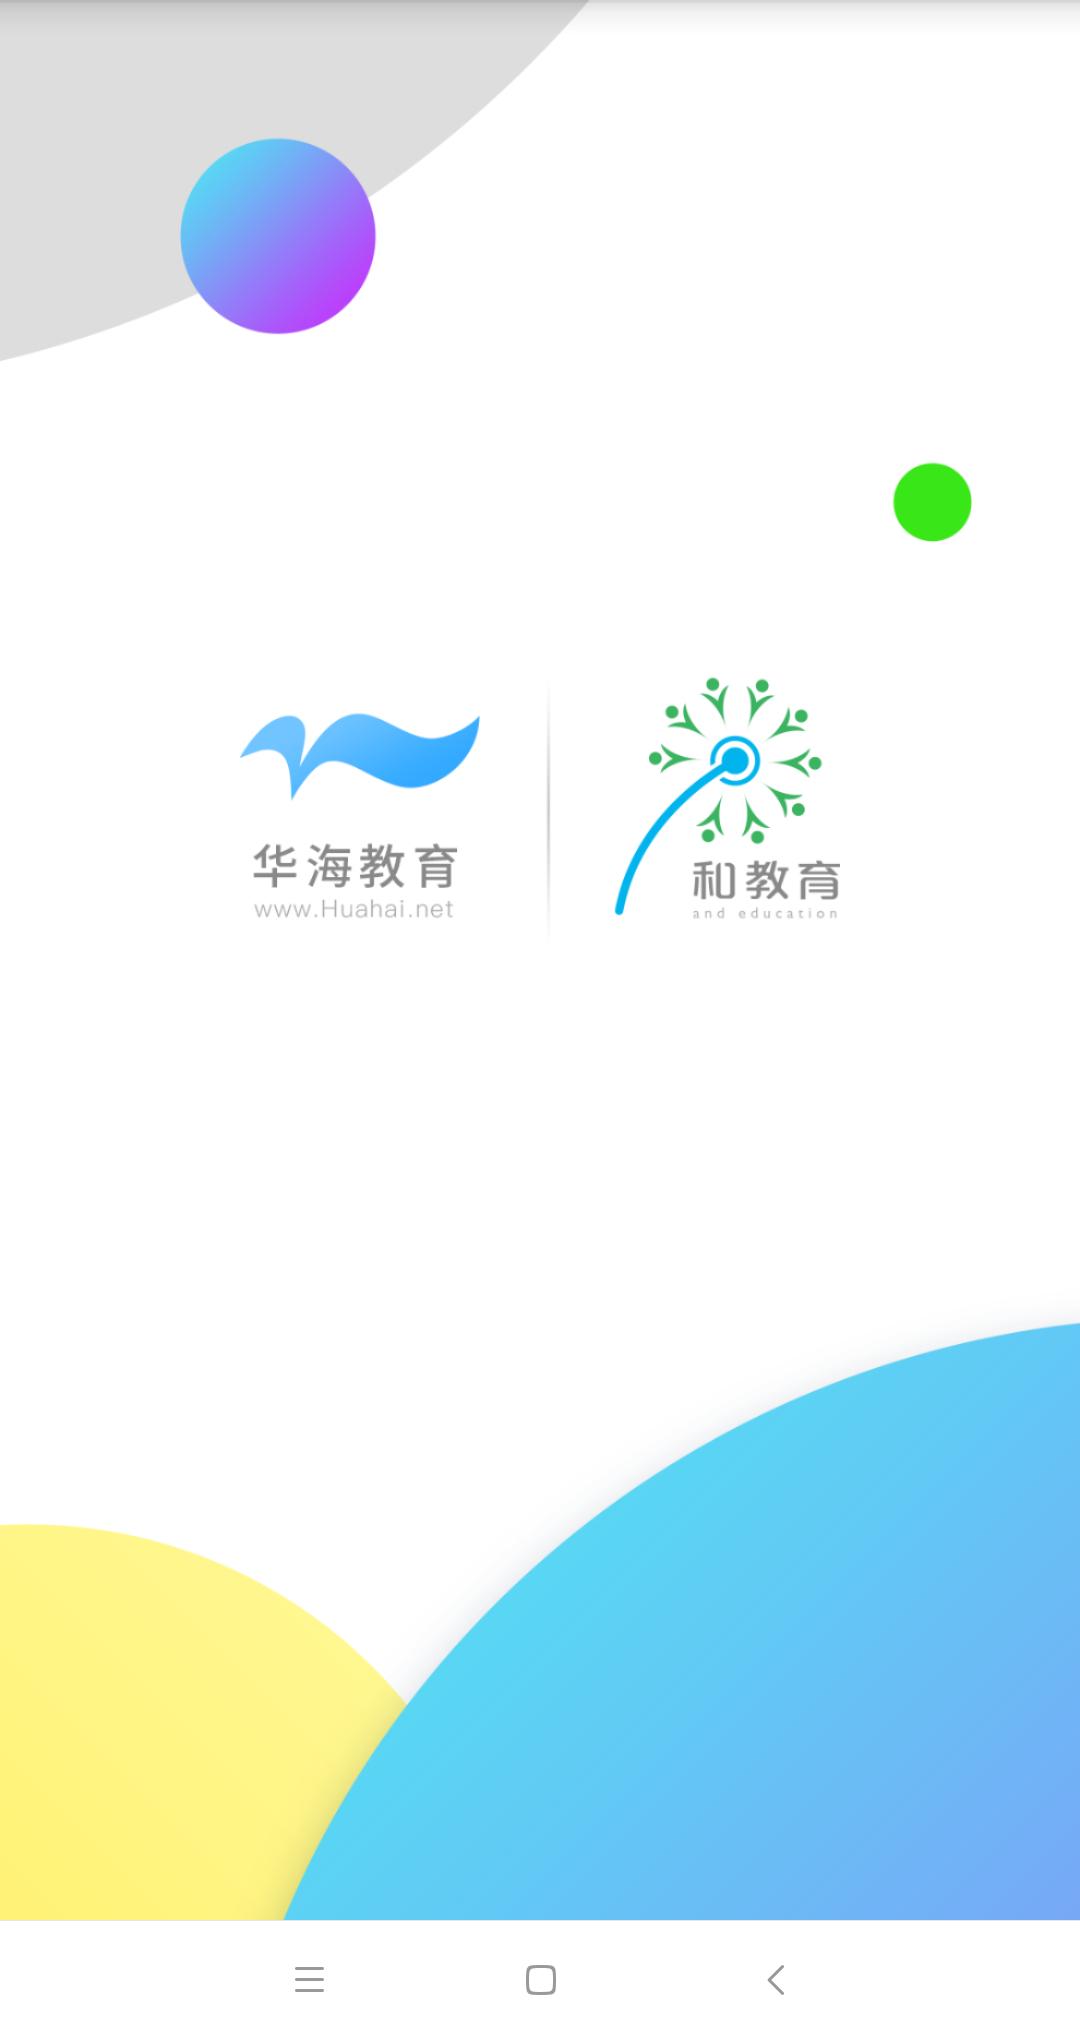 华海教育-应用截图